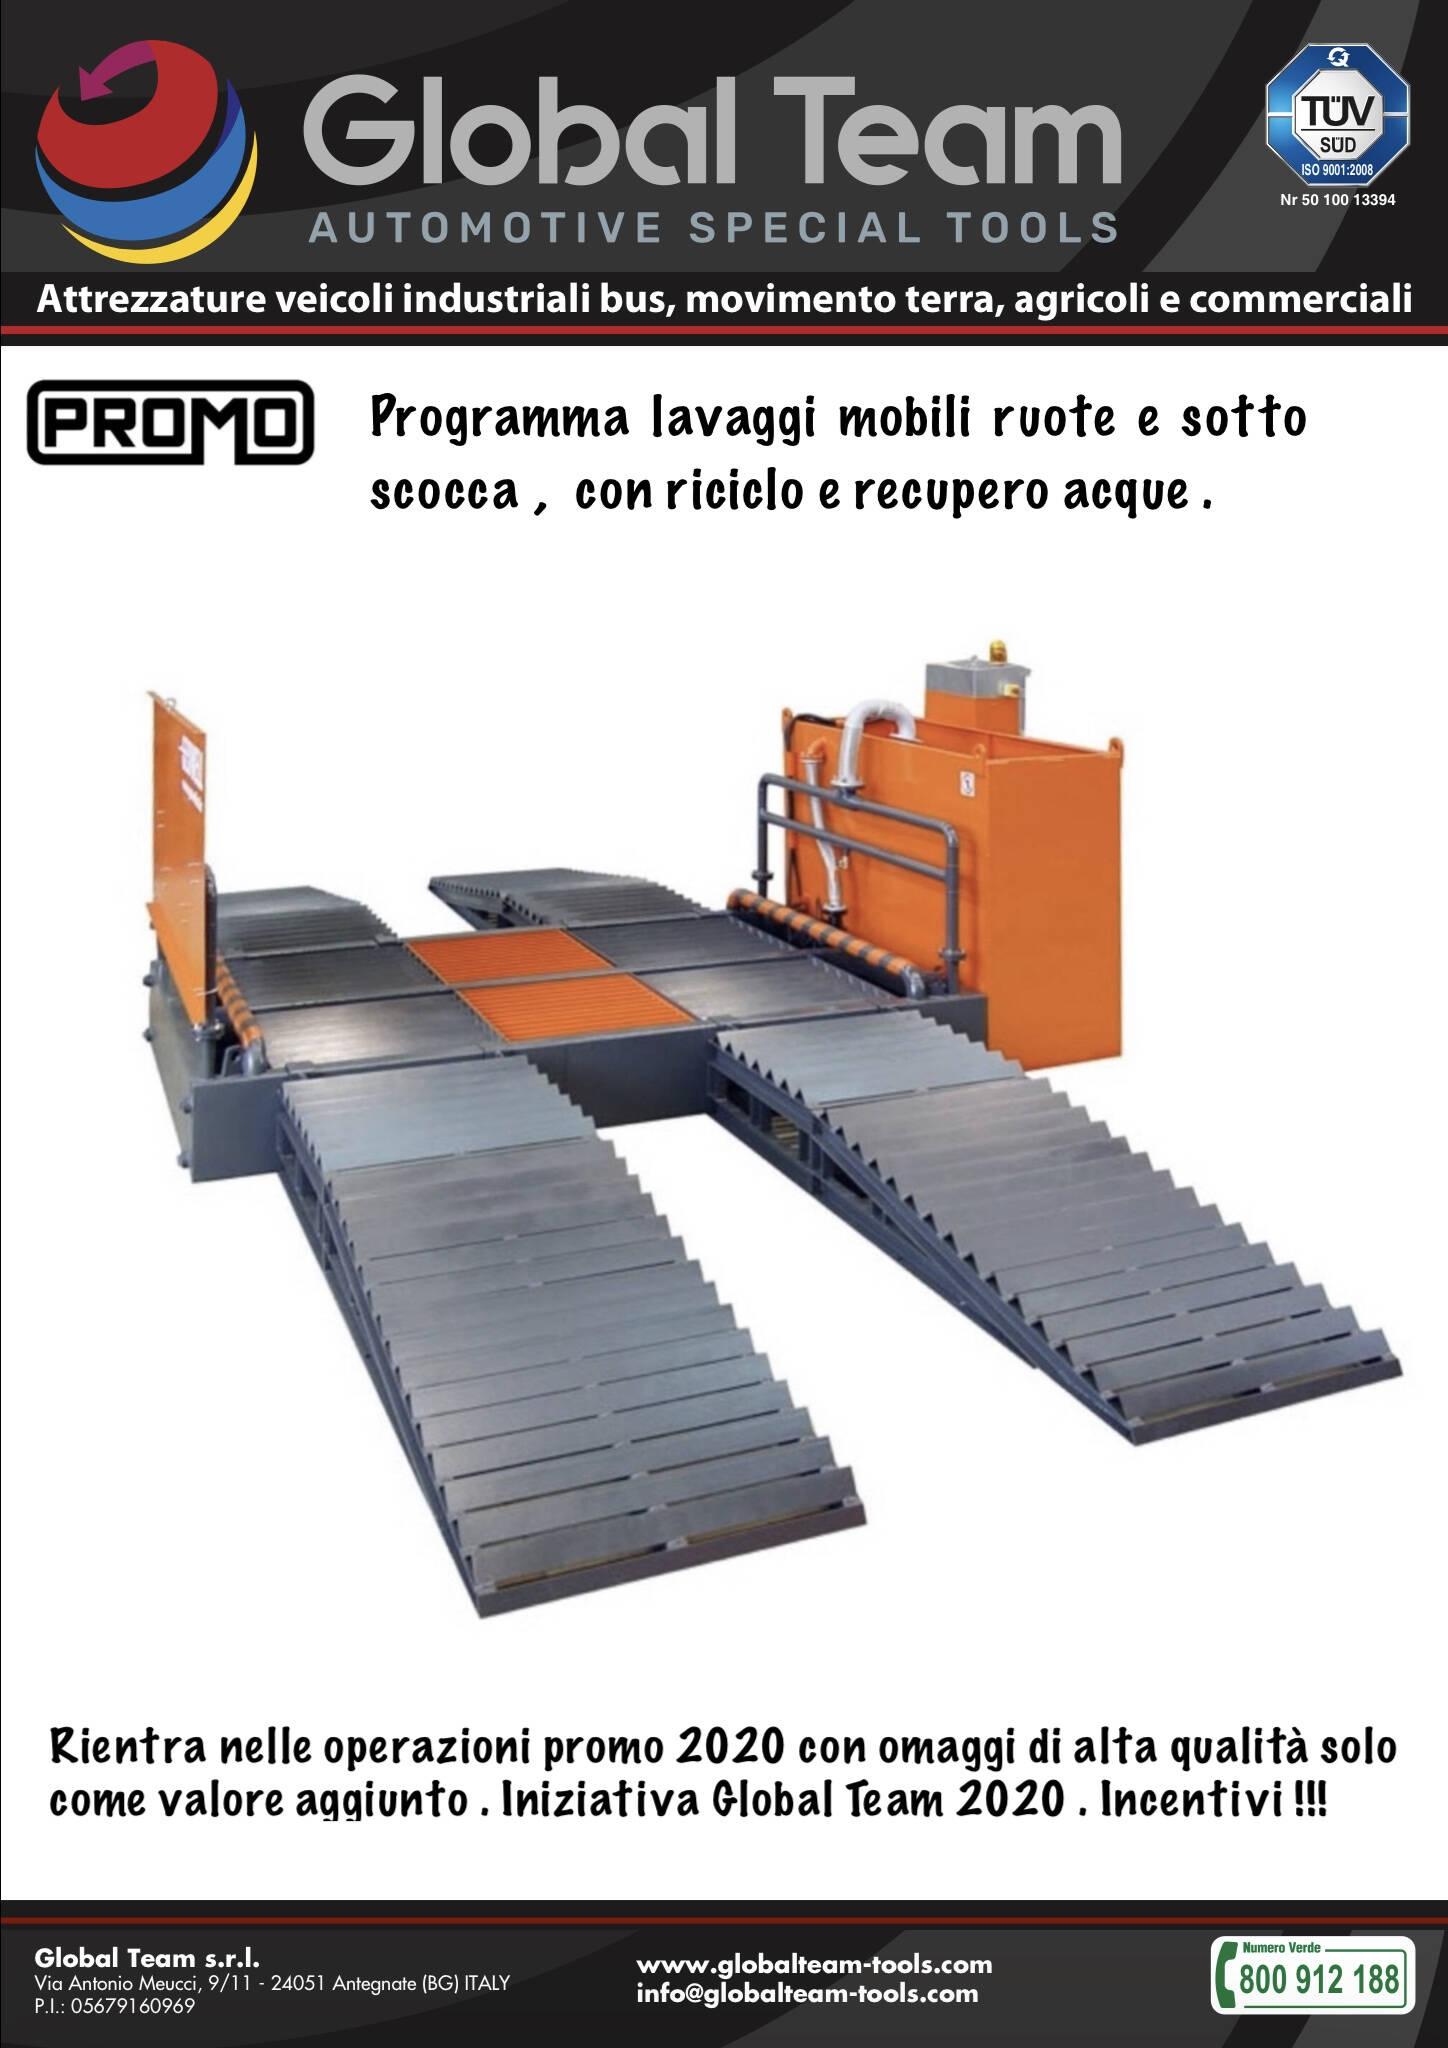 Programma lavaggio mobile per ruote e sotto scocca mezzi veicoli industriali . Ideati anche a richiesta ma gia' lo standard perfetto.